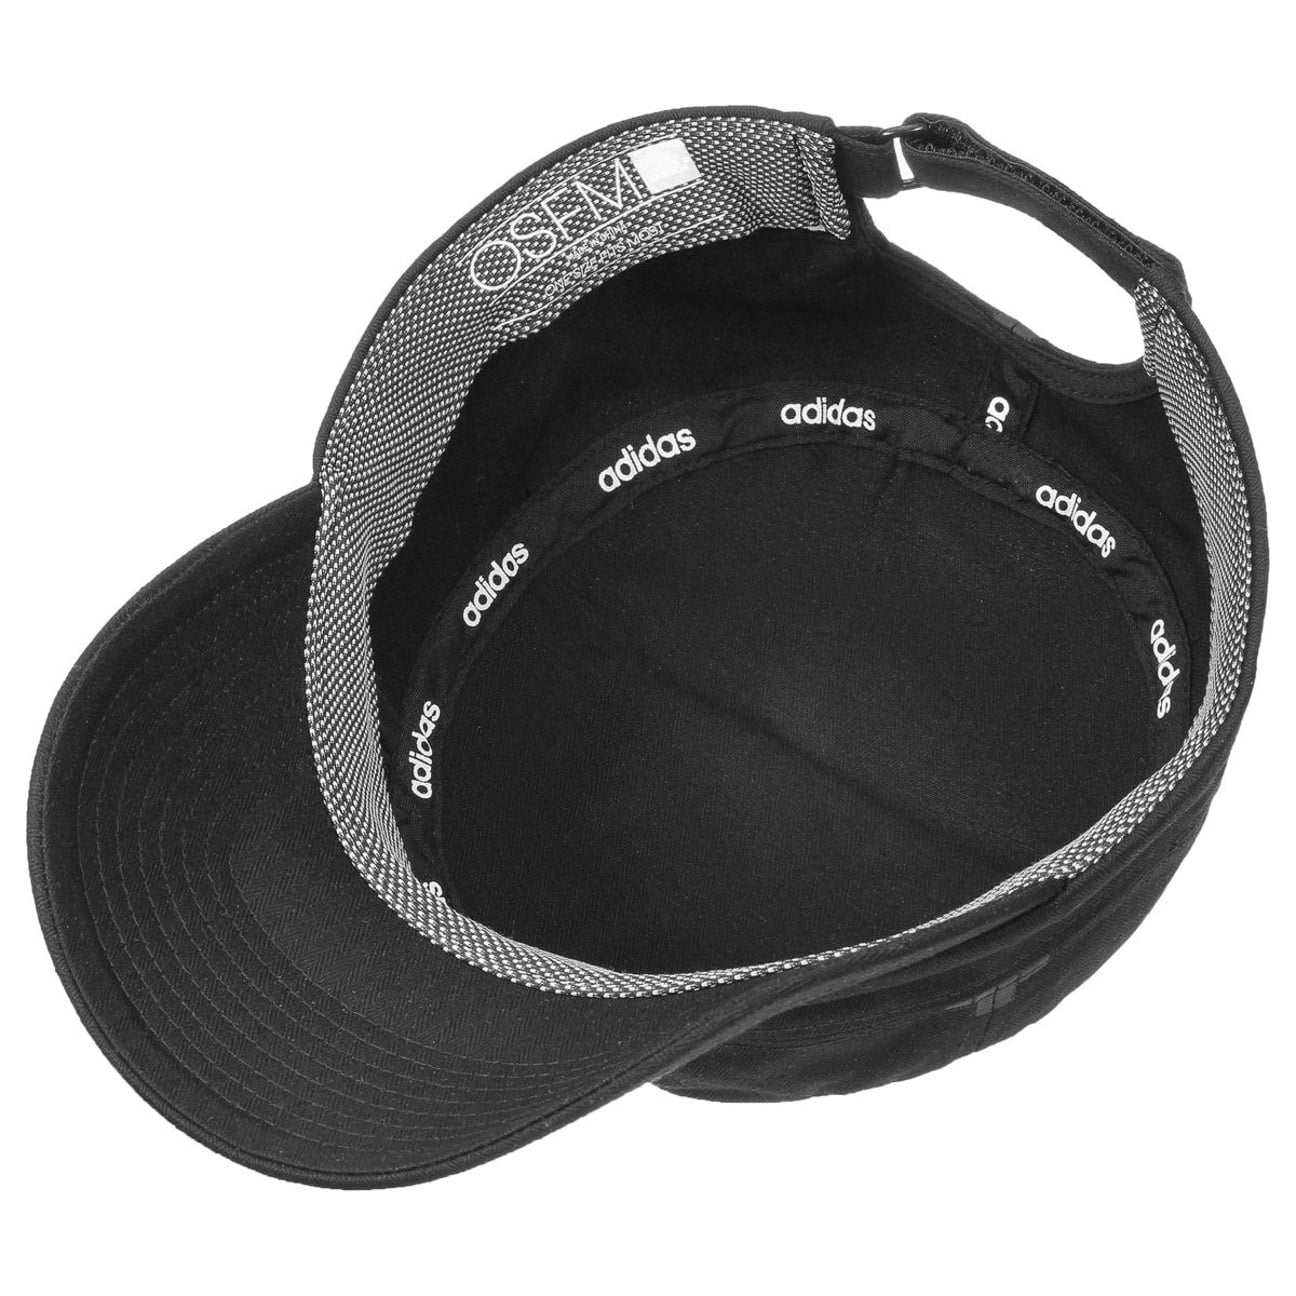 ... Cuban Cotton Army Cap by adidas - black 3 ... d1da1441c3a